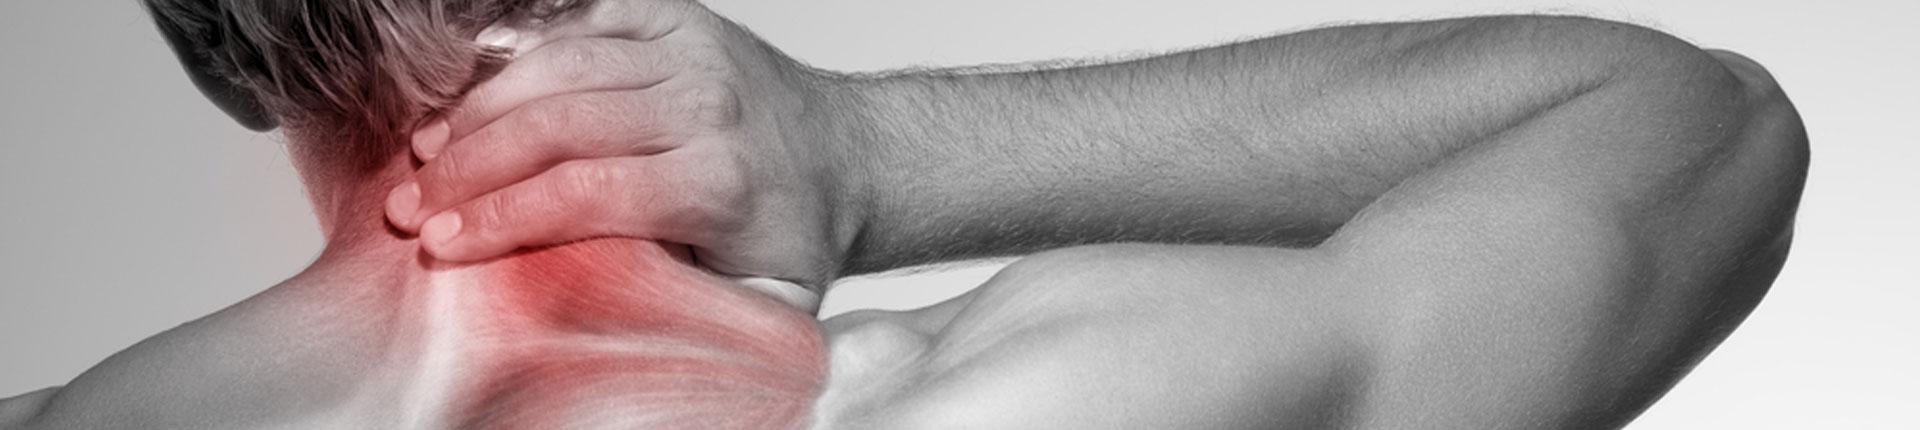 Sztywność i napięcia karku - jak sobie z nim radzić?